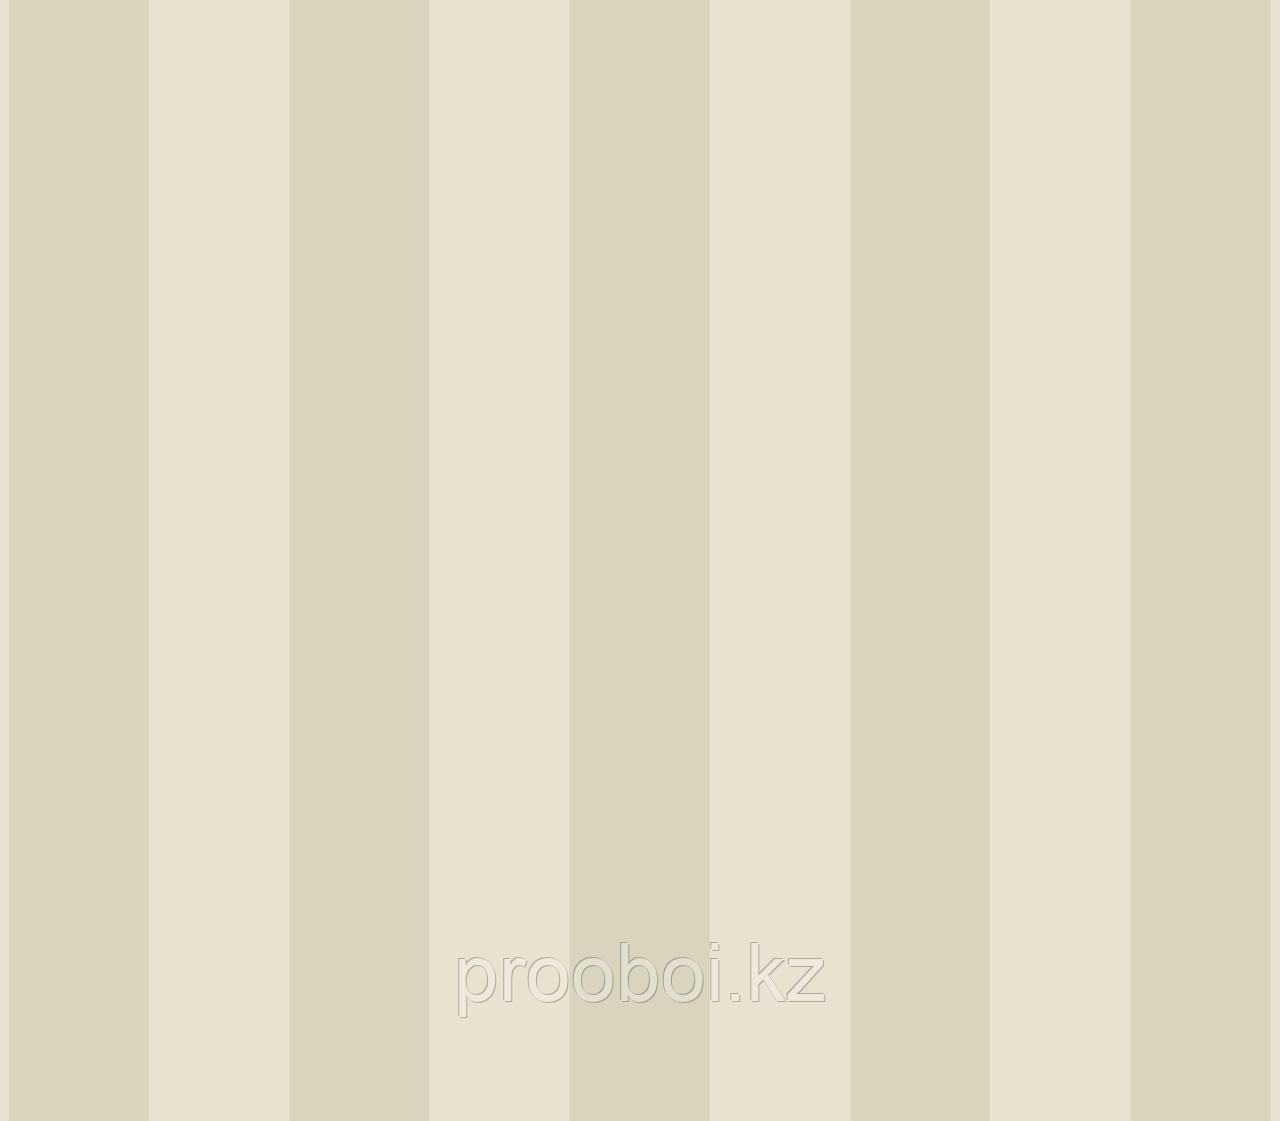 Турецкие обои ALFA (метровые) 3704-4